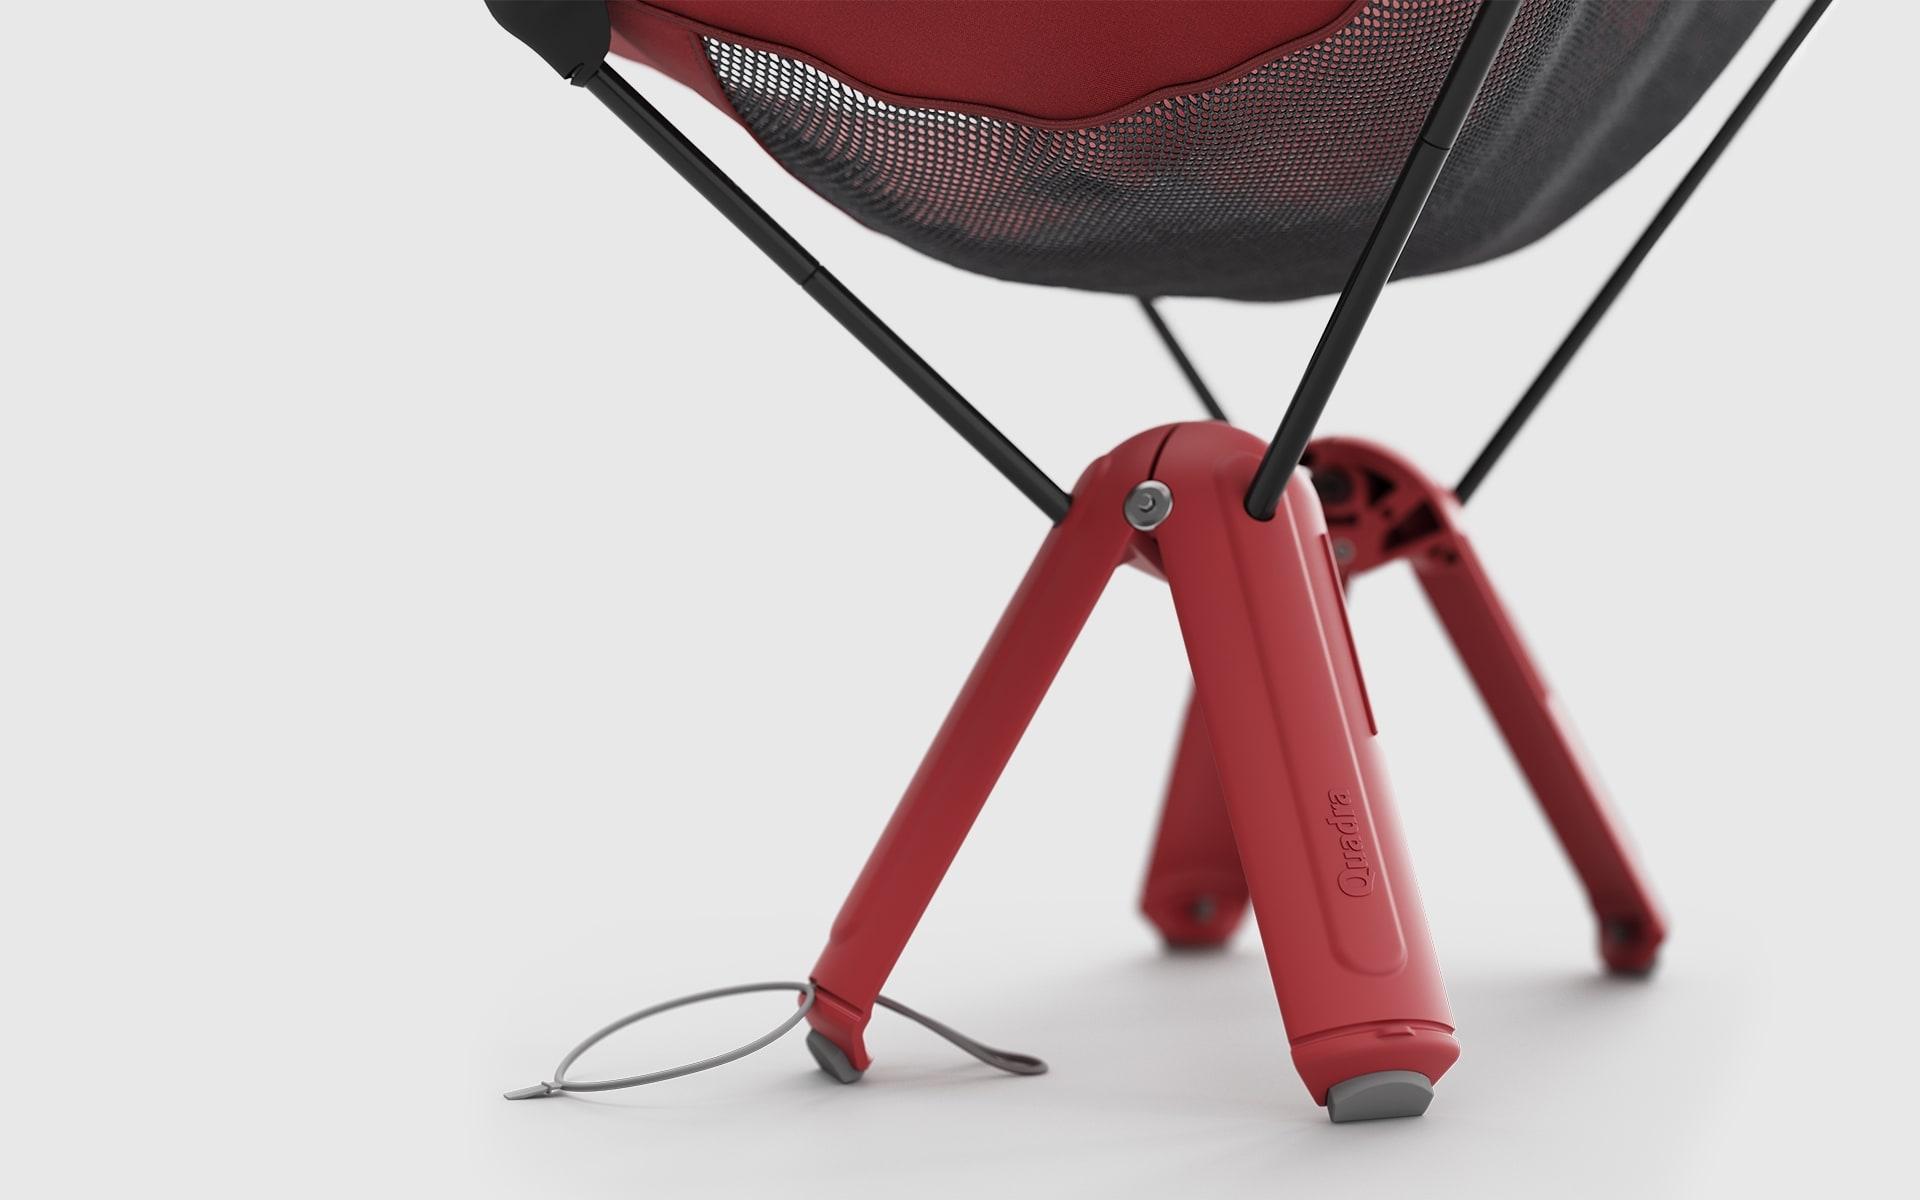 Nahaufnahme der Stuhlbeine eines roten Therm-a-Rest Quadra Camping-Stuhls von ITO Design